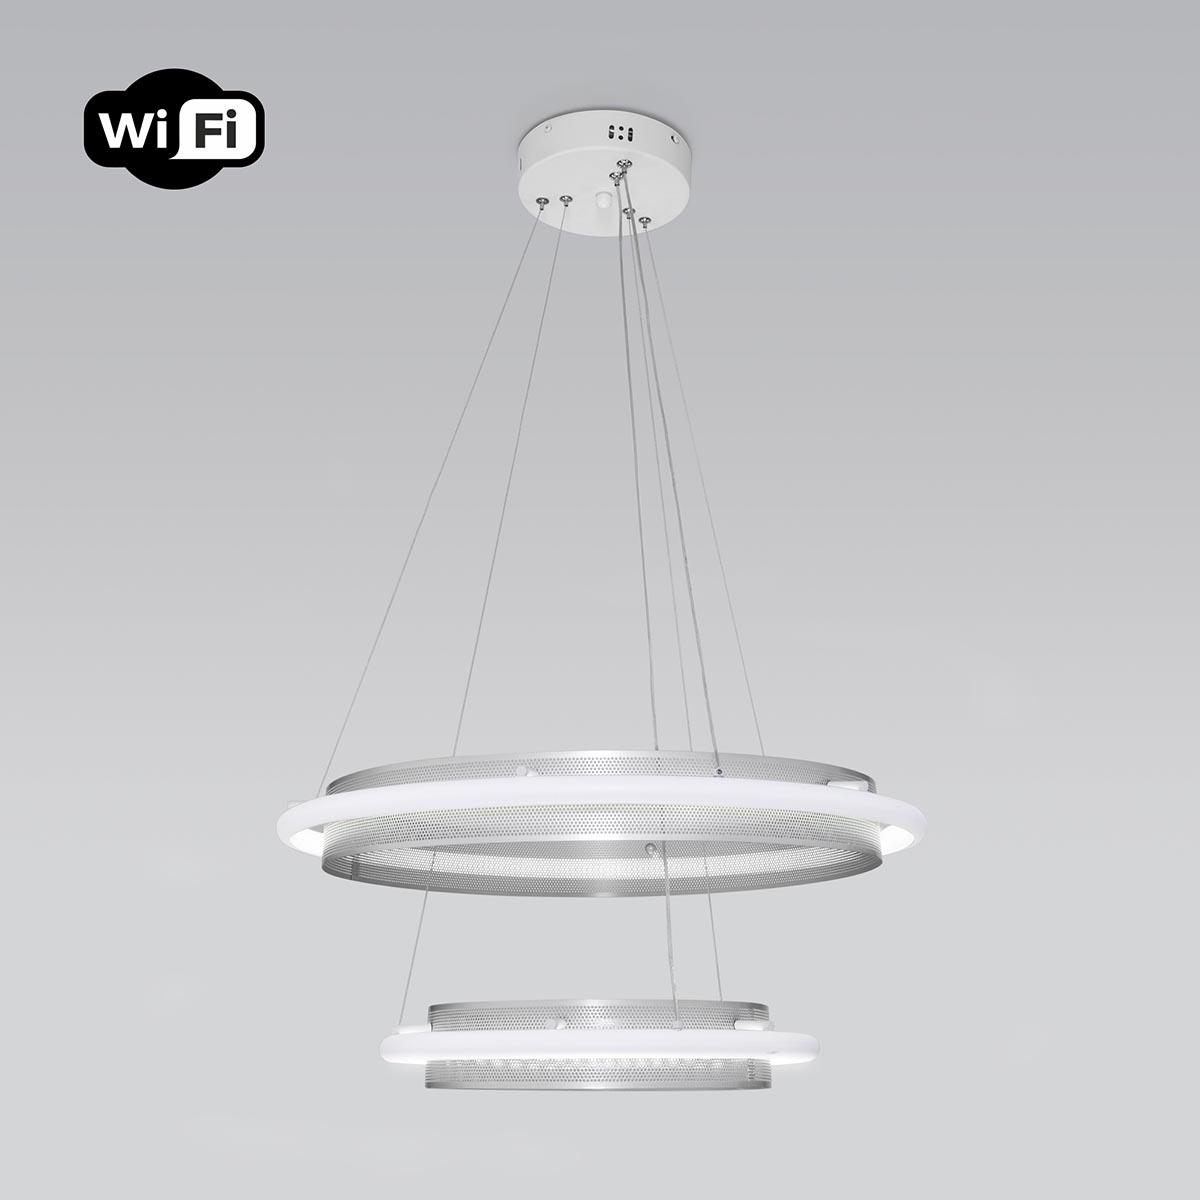 Светильник Eurosvet 90241/2 белый/ серебро Smart Imperio (Умный дом)